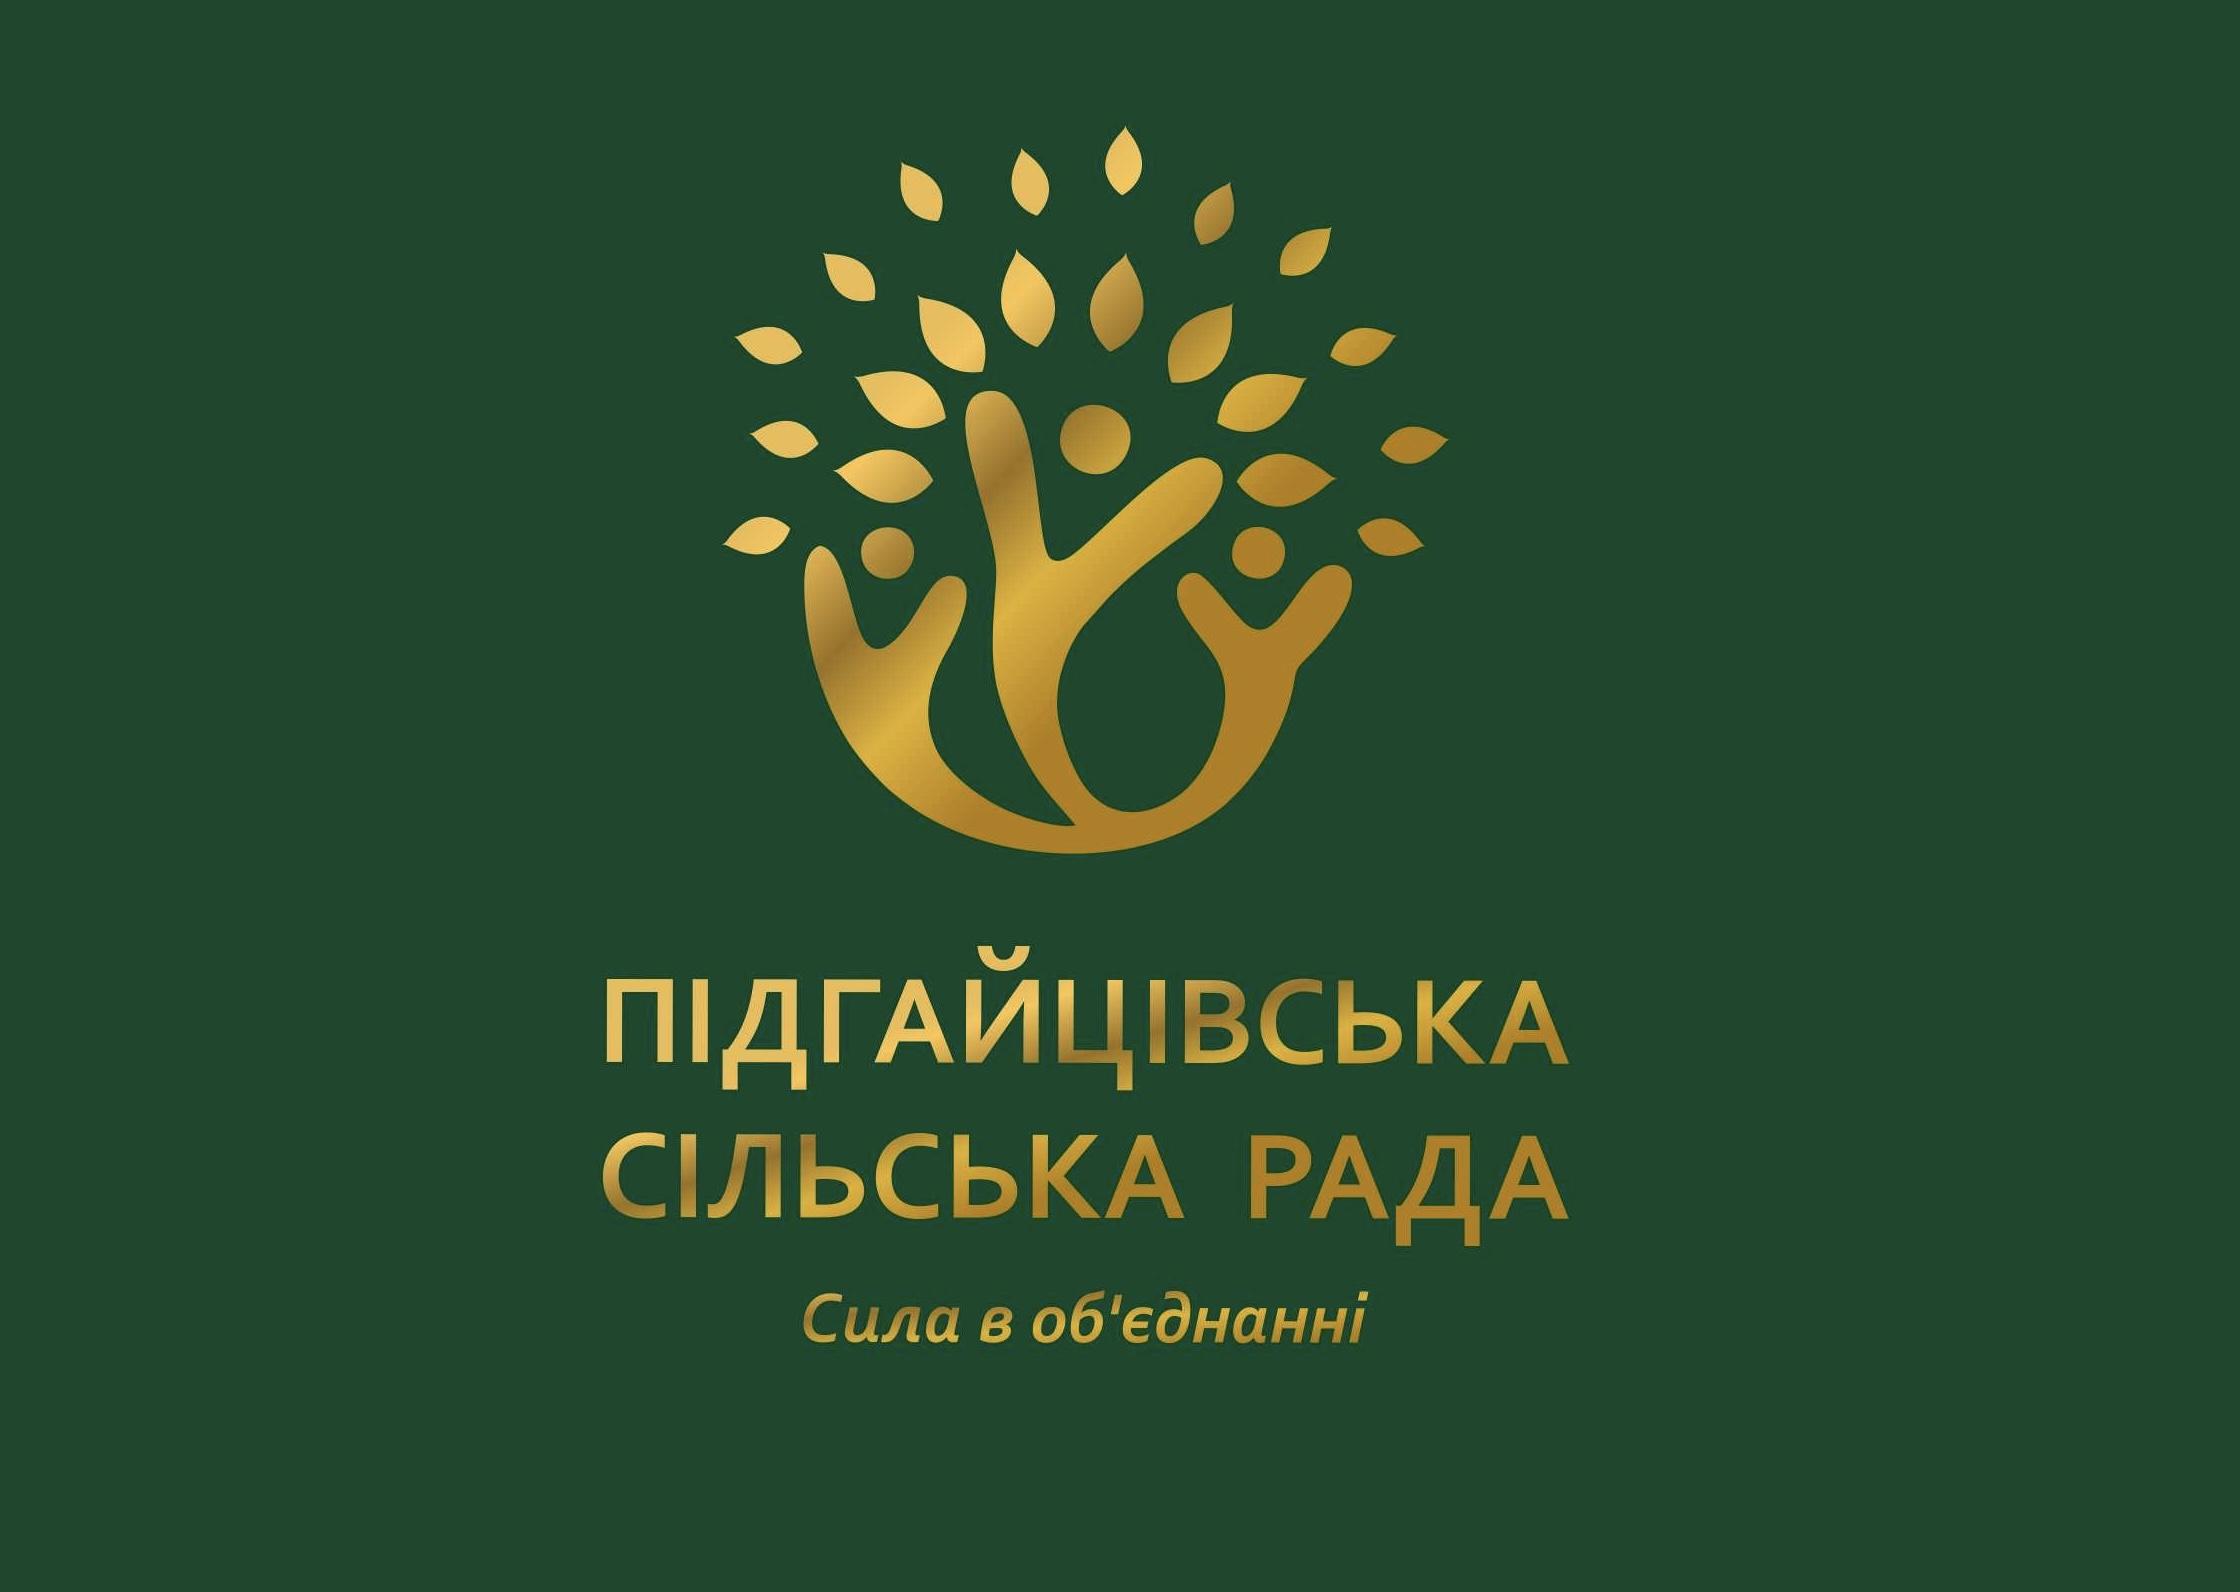 Оголошення про скликання дванадцятої чергової сесії Підгайцівської сільської ради